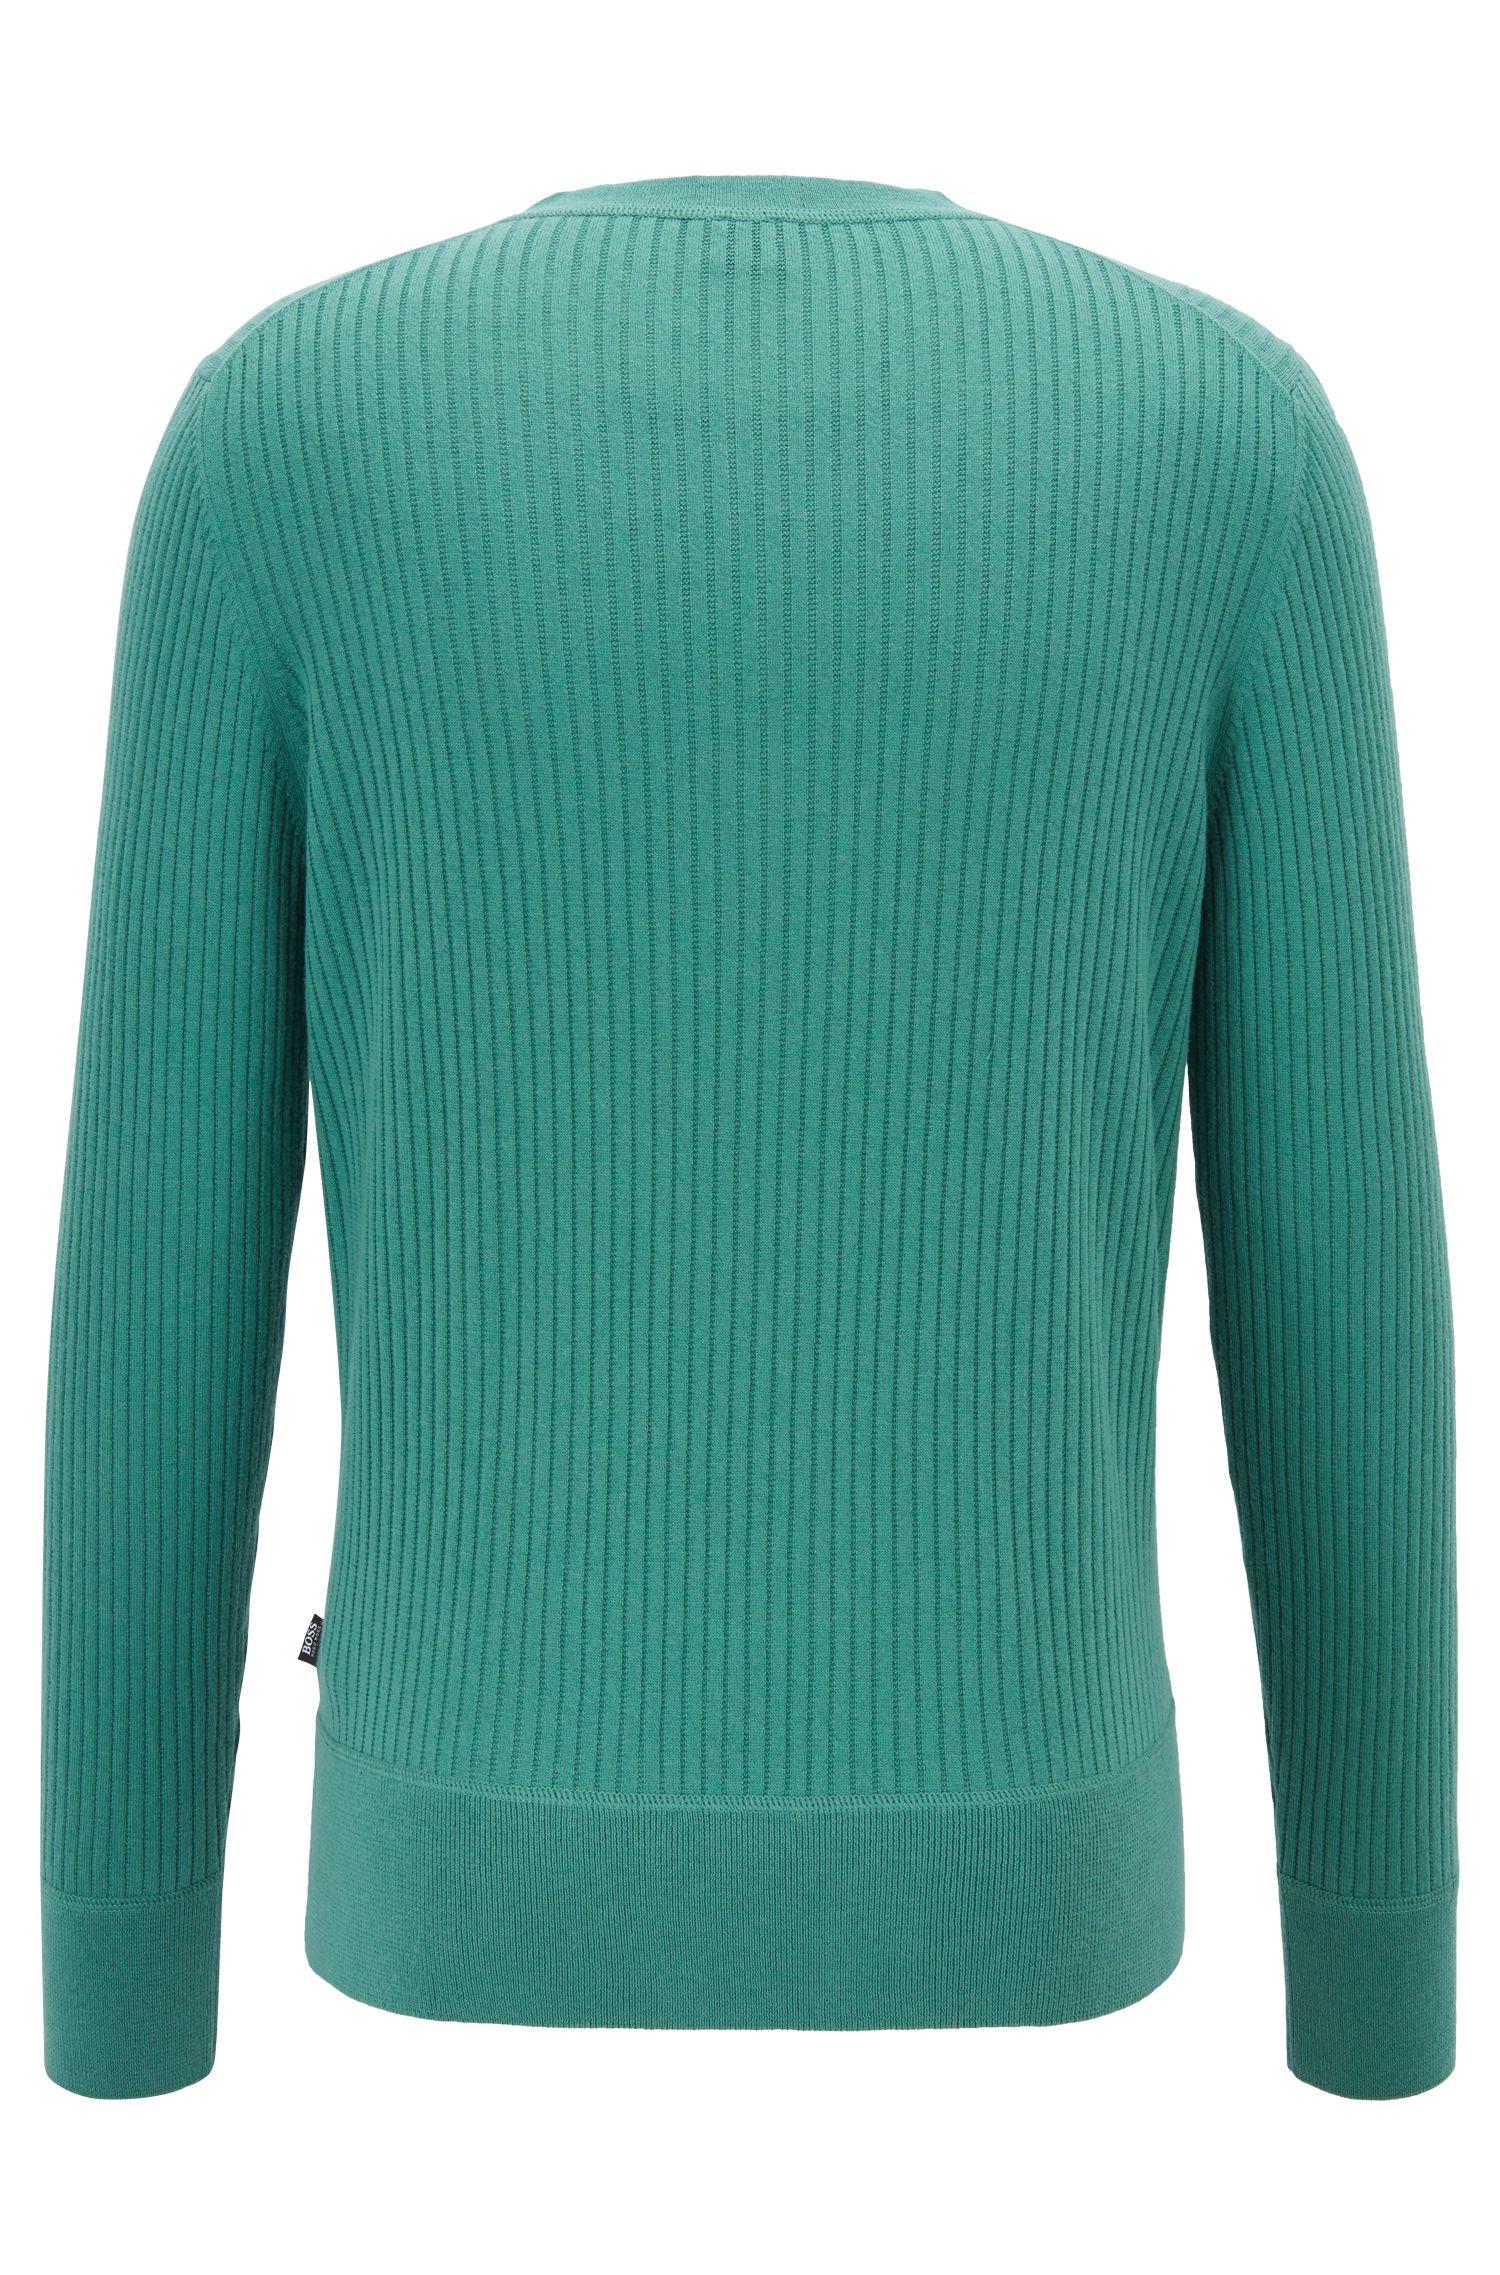 Gerippter Pullover aus Baumwoll-Mix mit Wolle mit Henley-Ausschnitt, Grün